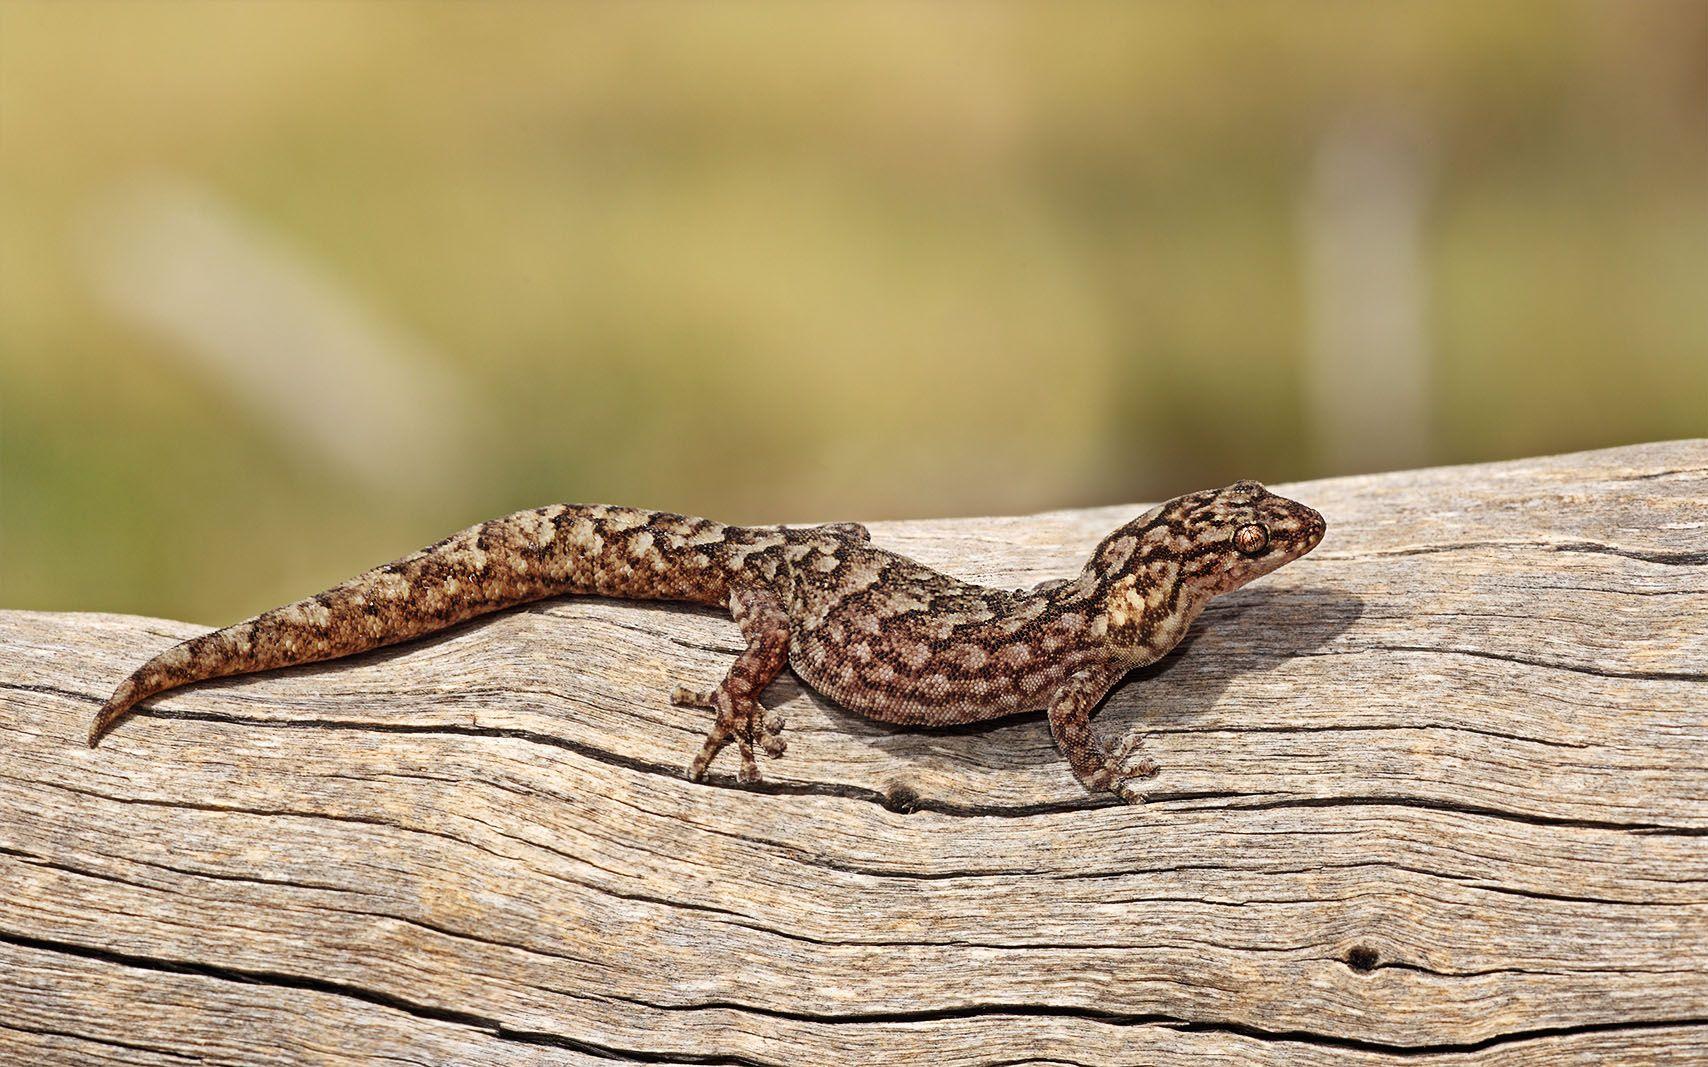 Marbled Gecko Jpg 1708 1067 Reptilien Terrarien Echse